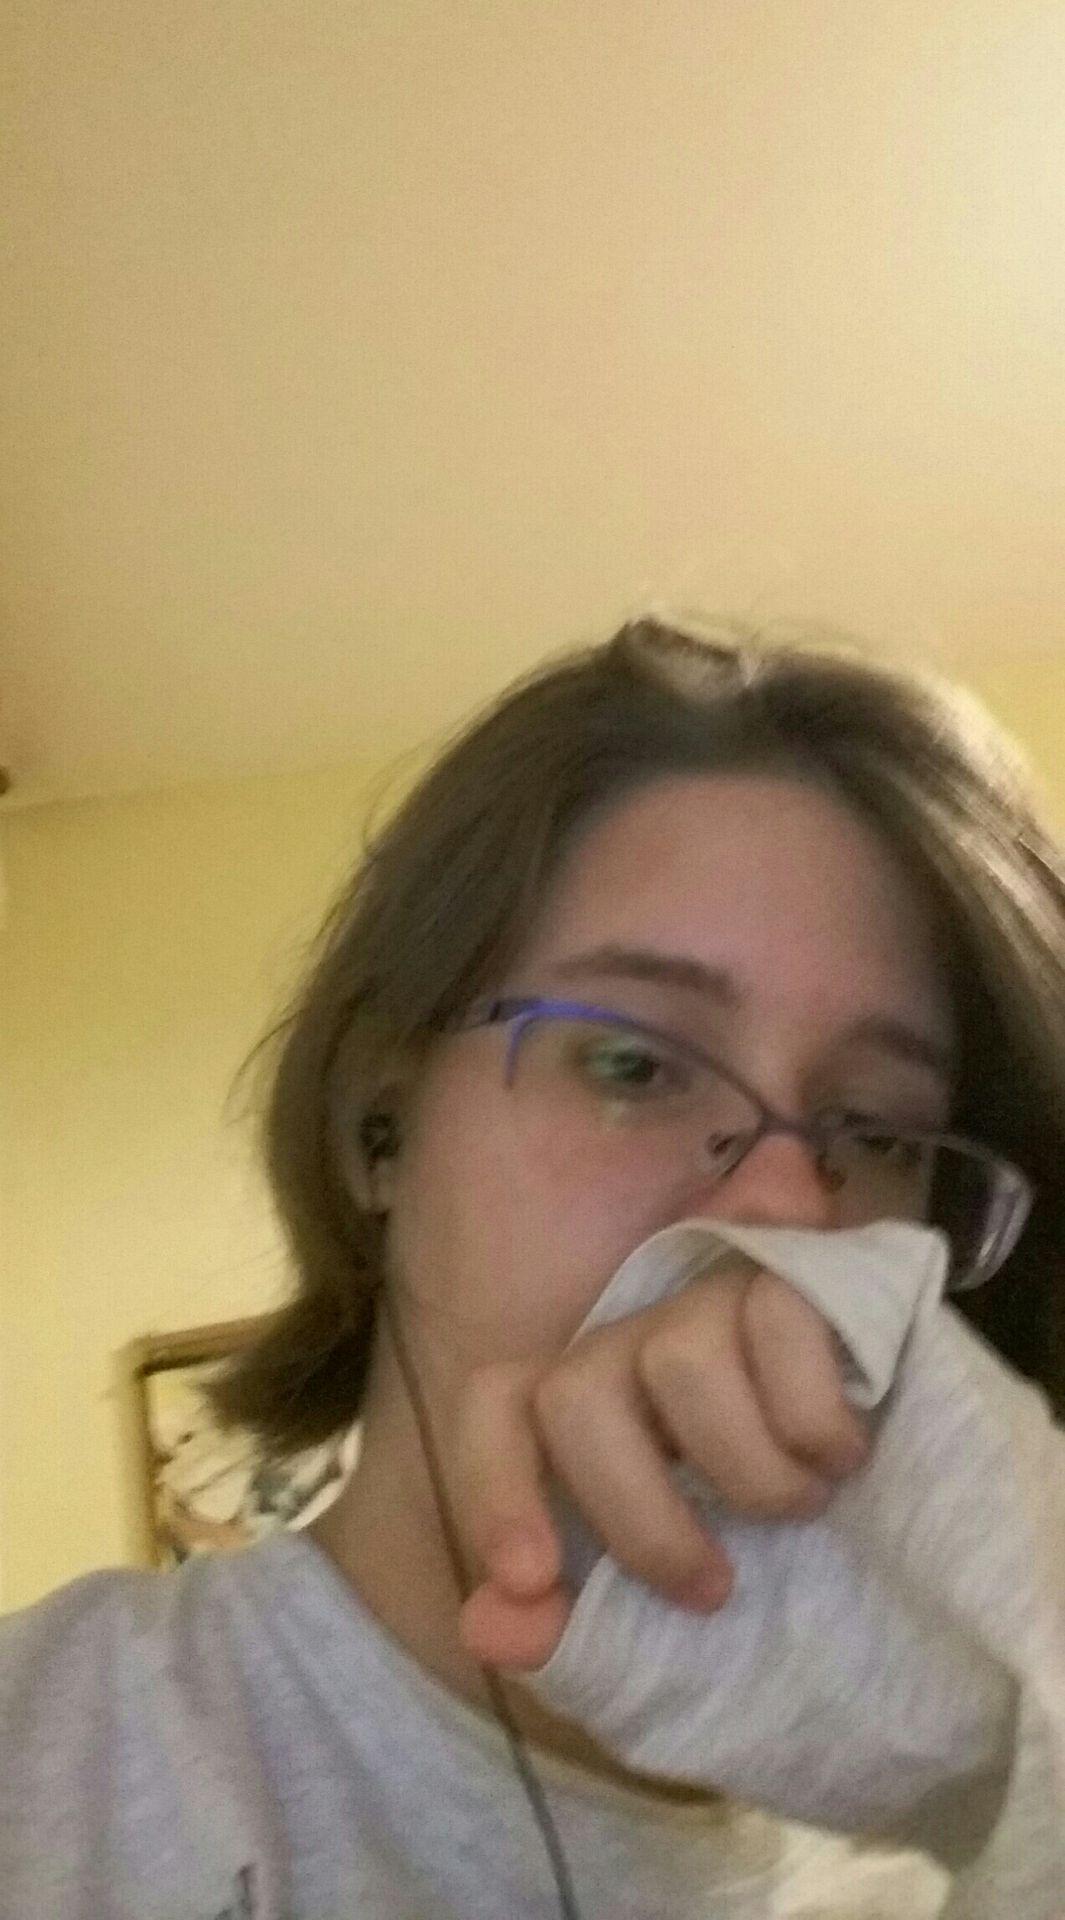 társkereső profil rólam oldal társkereső sibiu